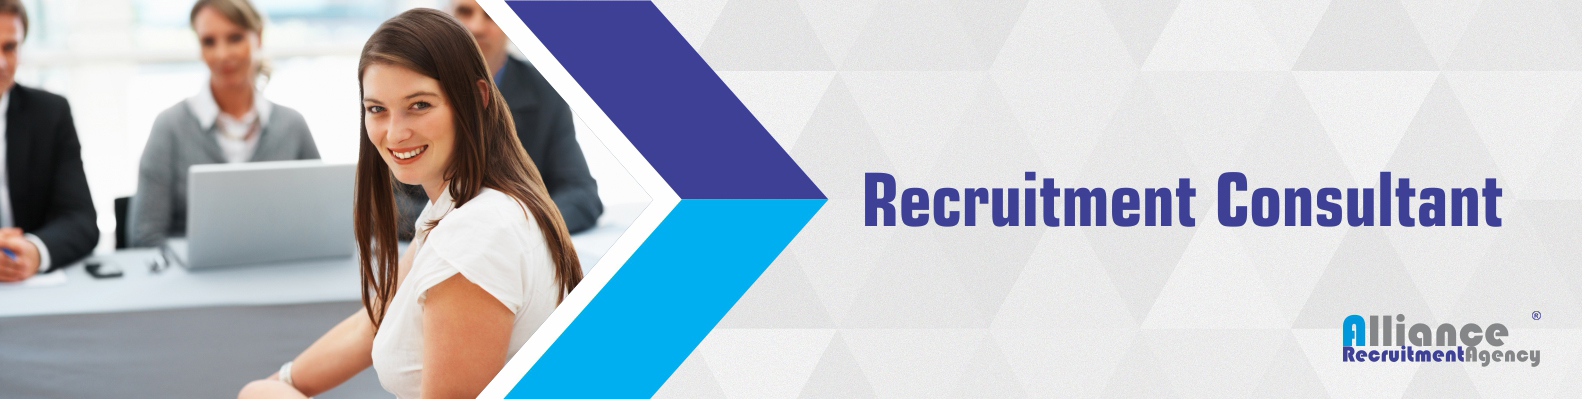 Recruitment Consultant - Recruitment Consultants in India